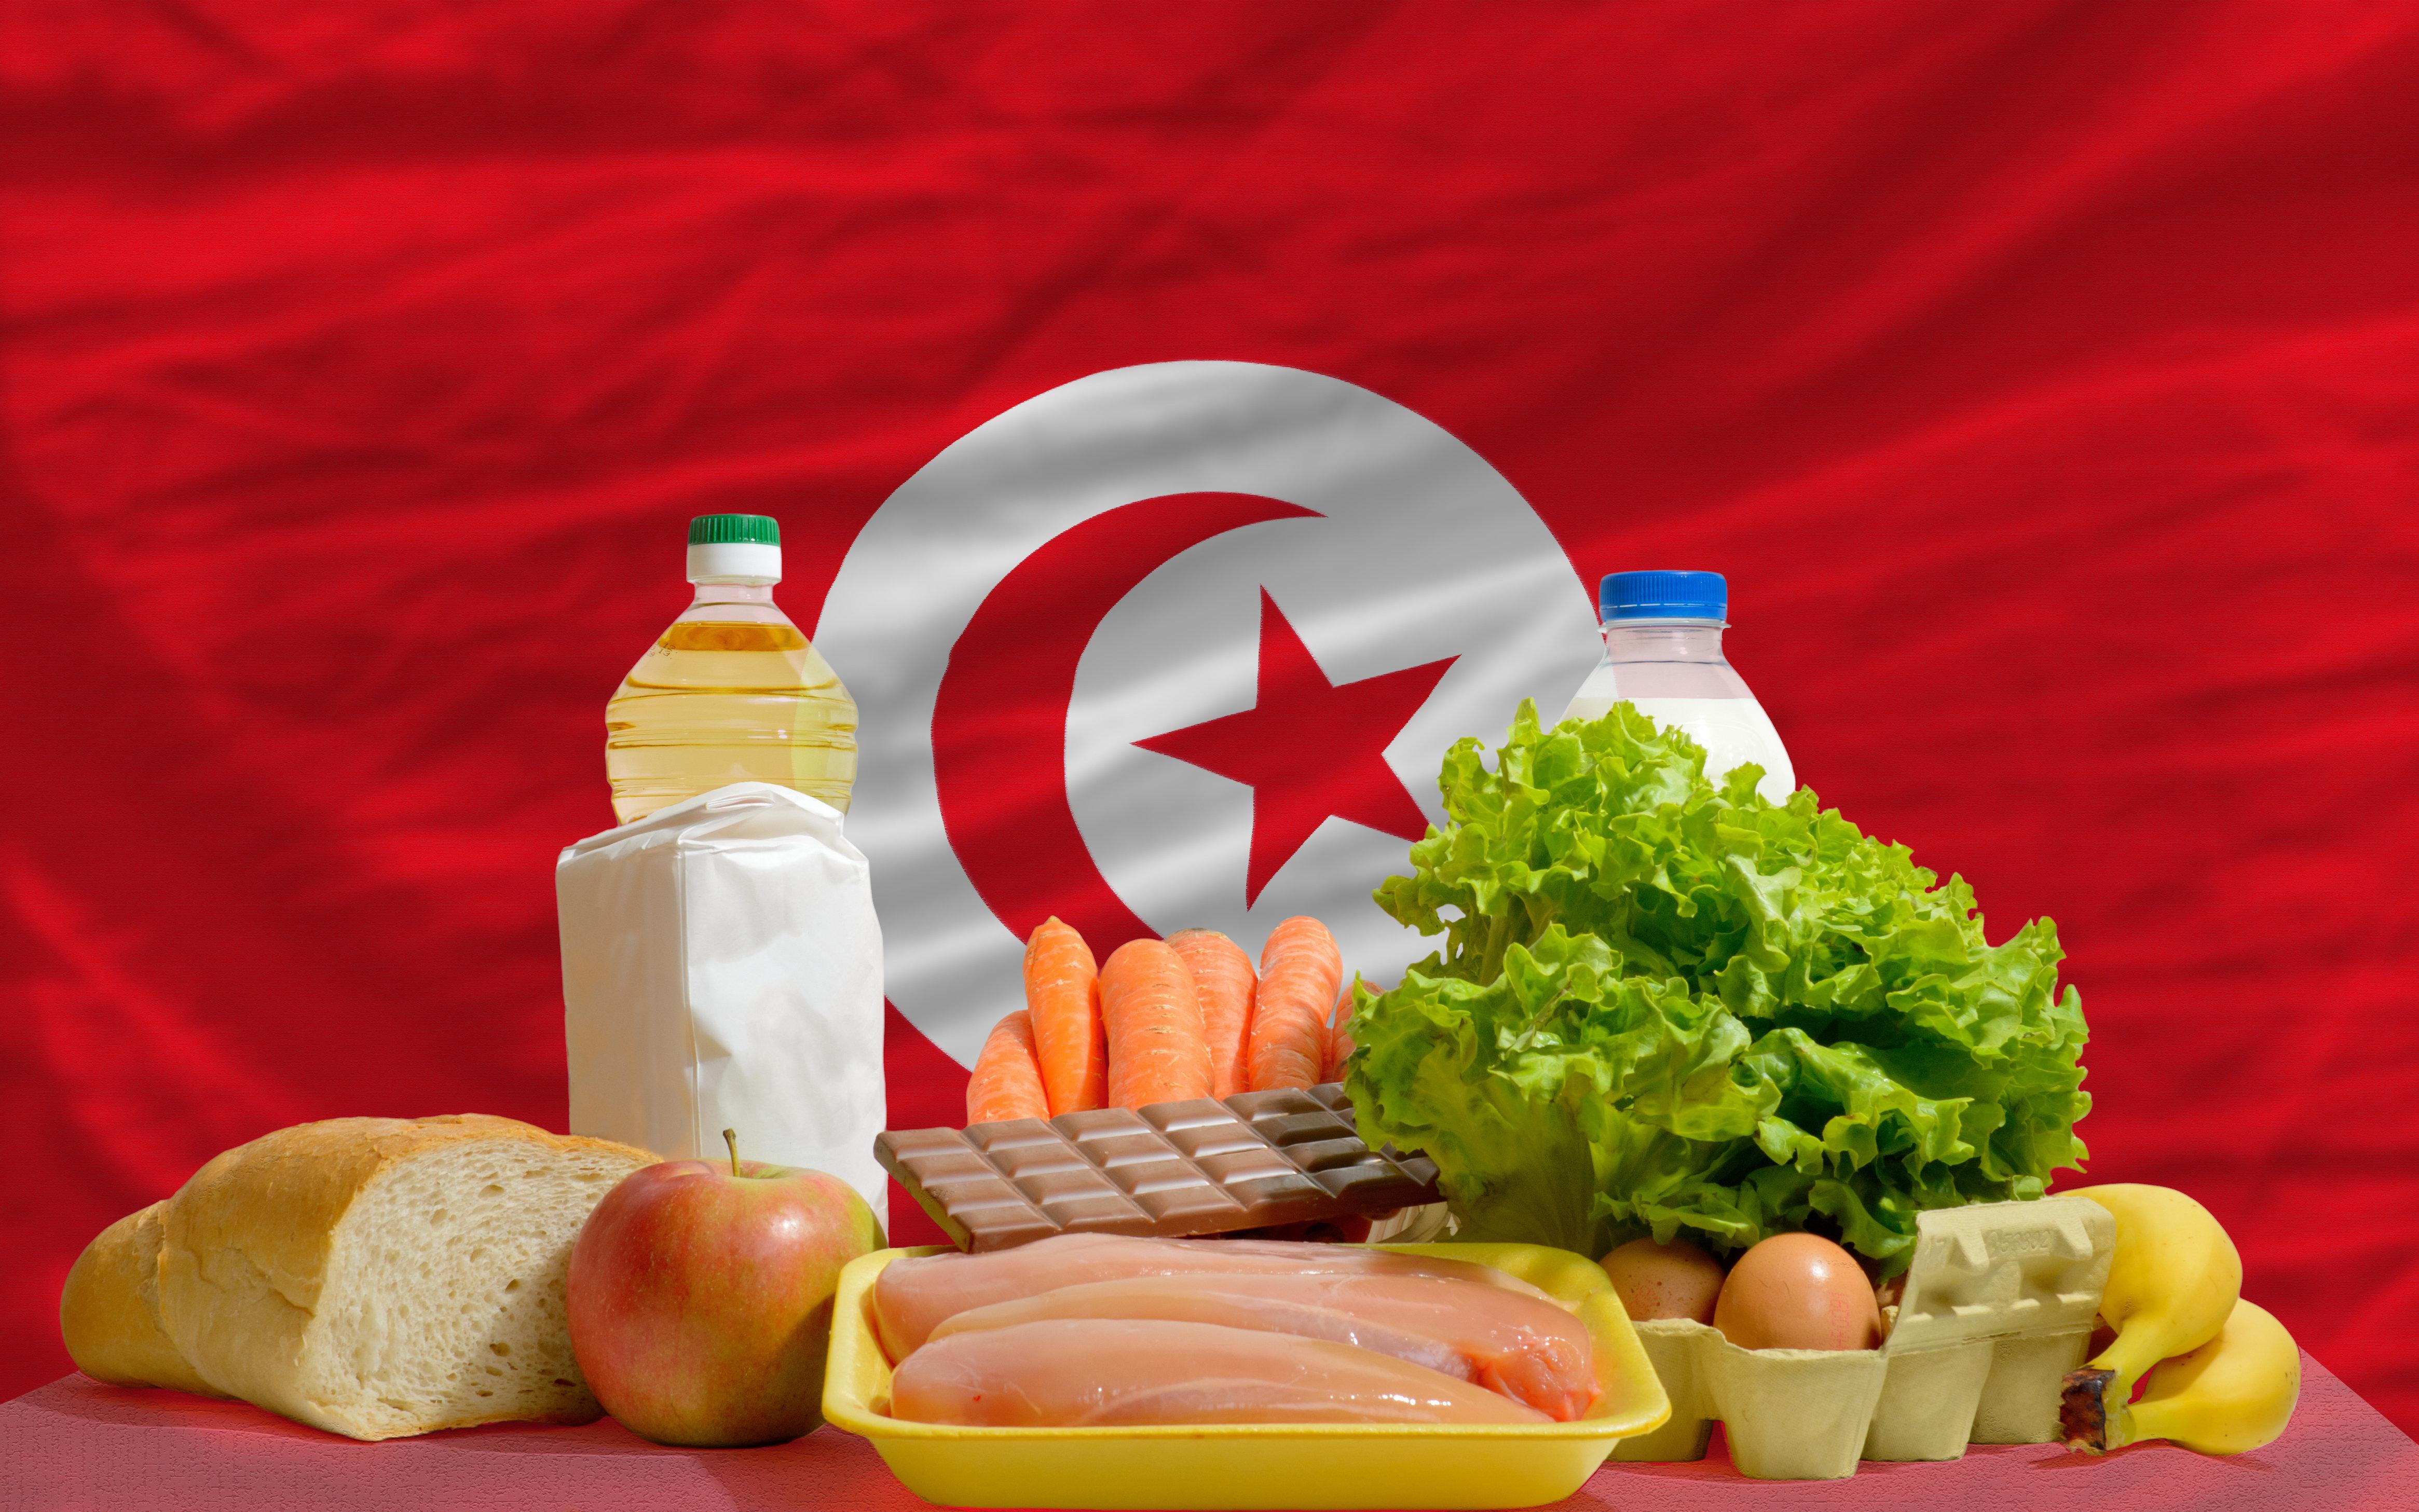 Pénurie de lait, hausse du prix des œufs...les dessous de la crise, selon le président du Syndicat National des Agriculteurs...